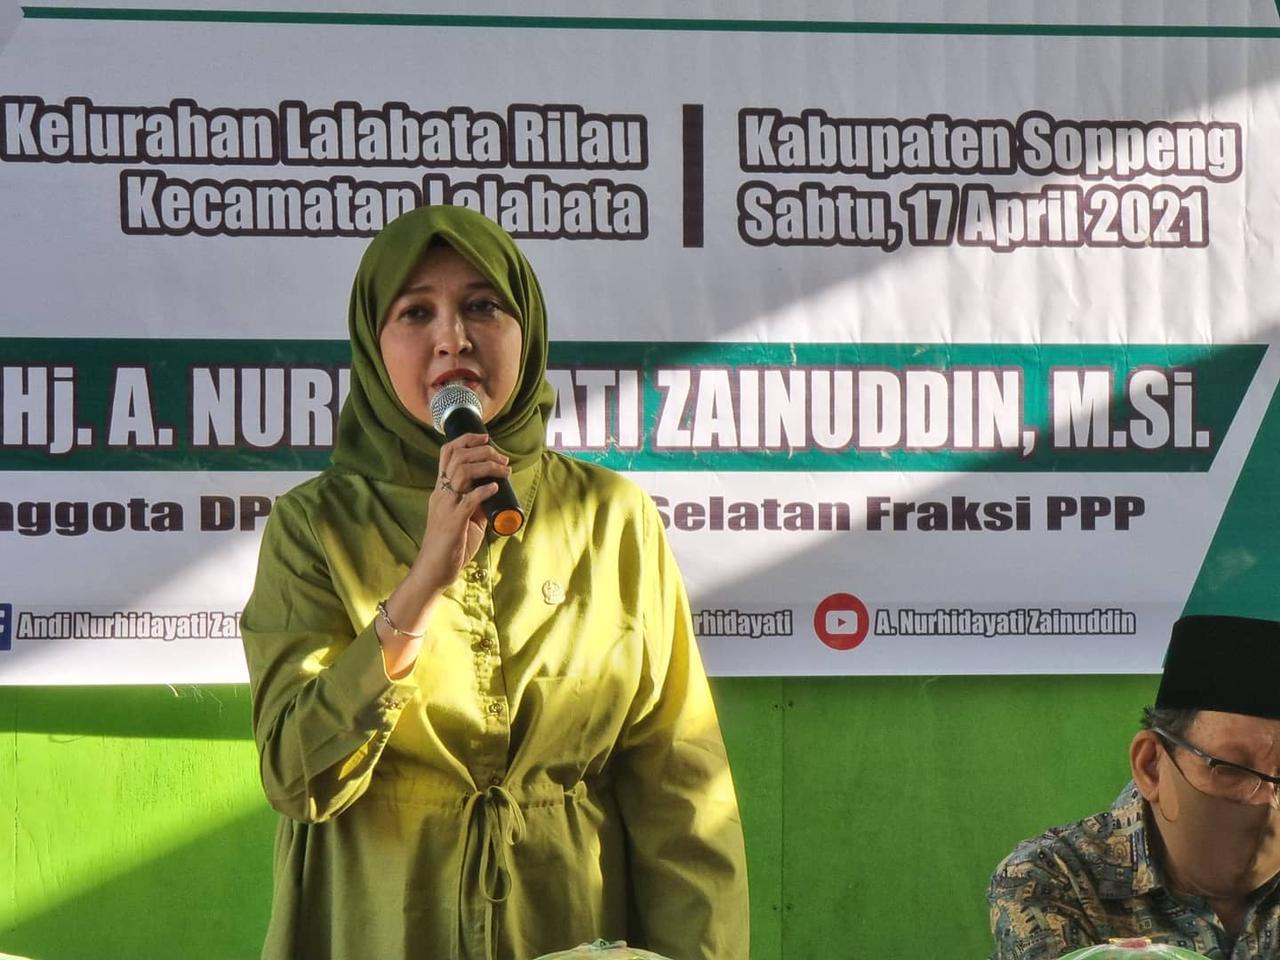 Begini Ungkapan Legislator Sulsel Andi Nurhidayati di Hari Kartini 2021